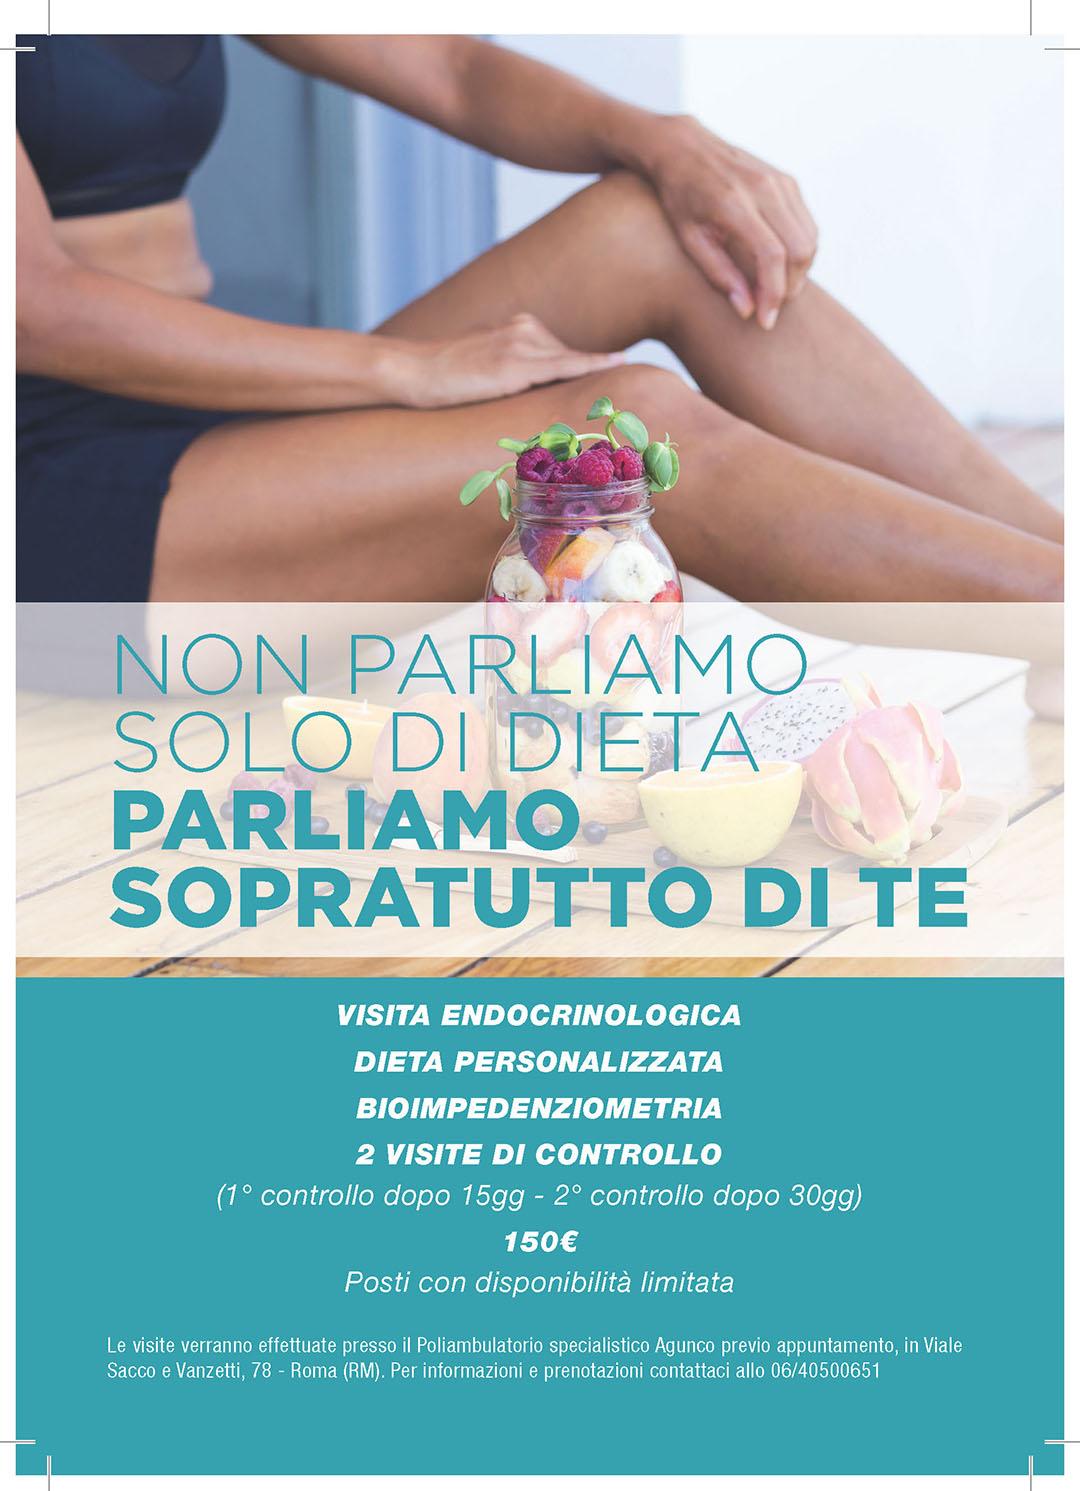 FILE-STAMPA-VOLANTINO-dieta_Page_1.jpg